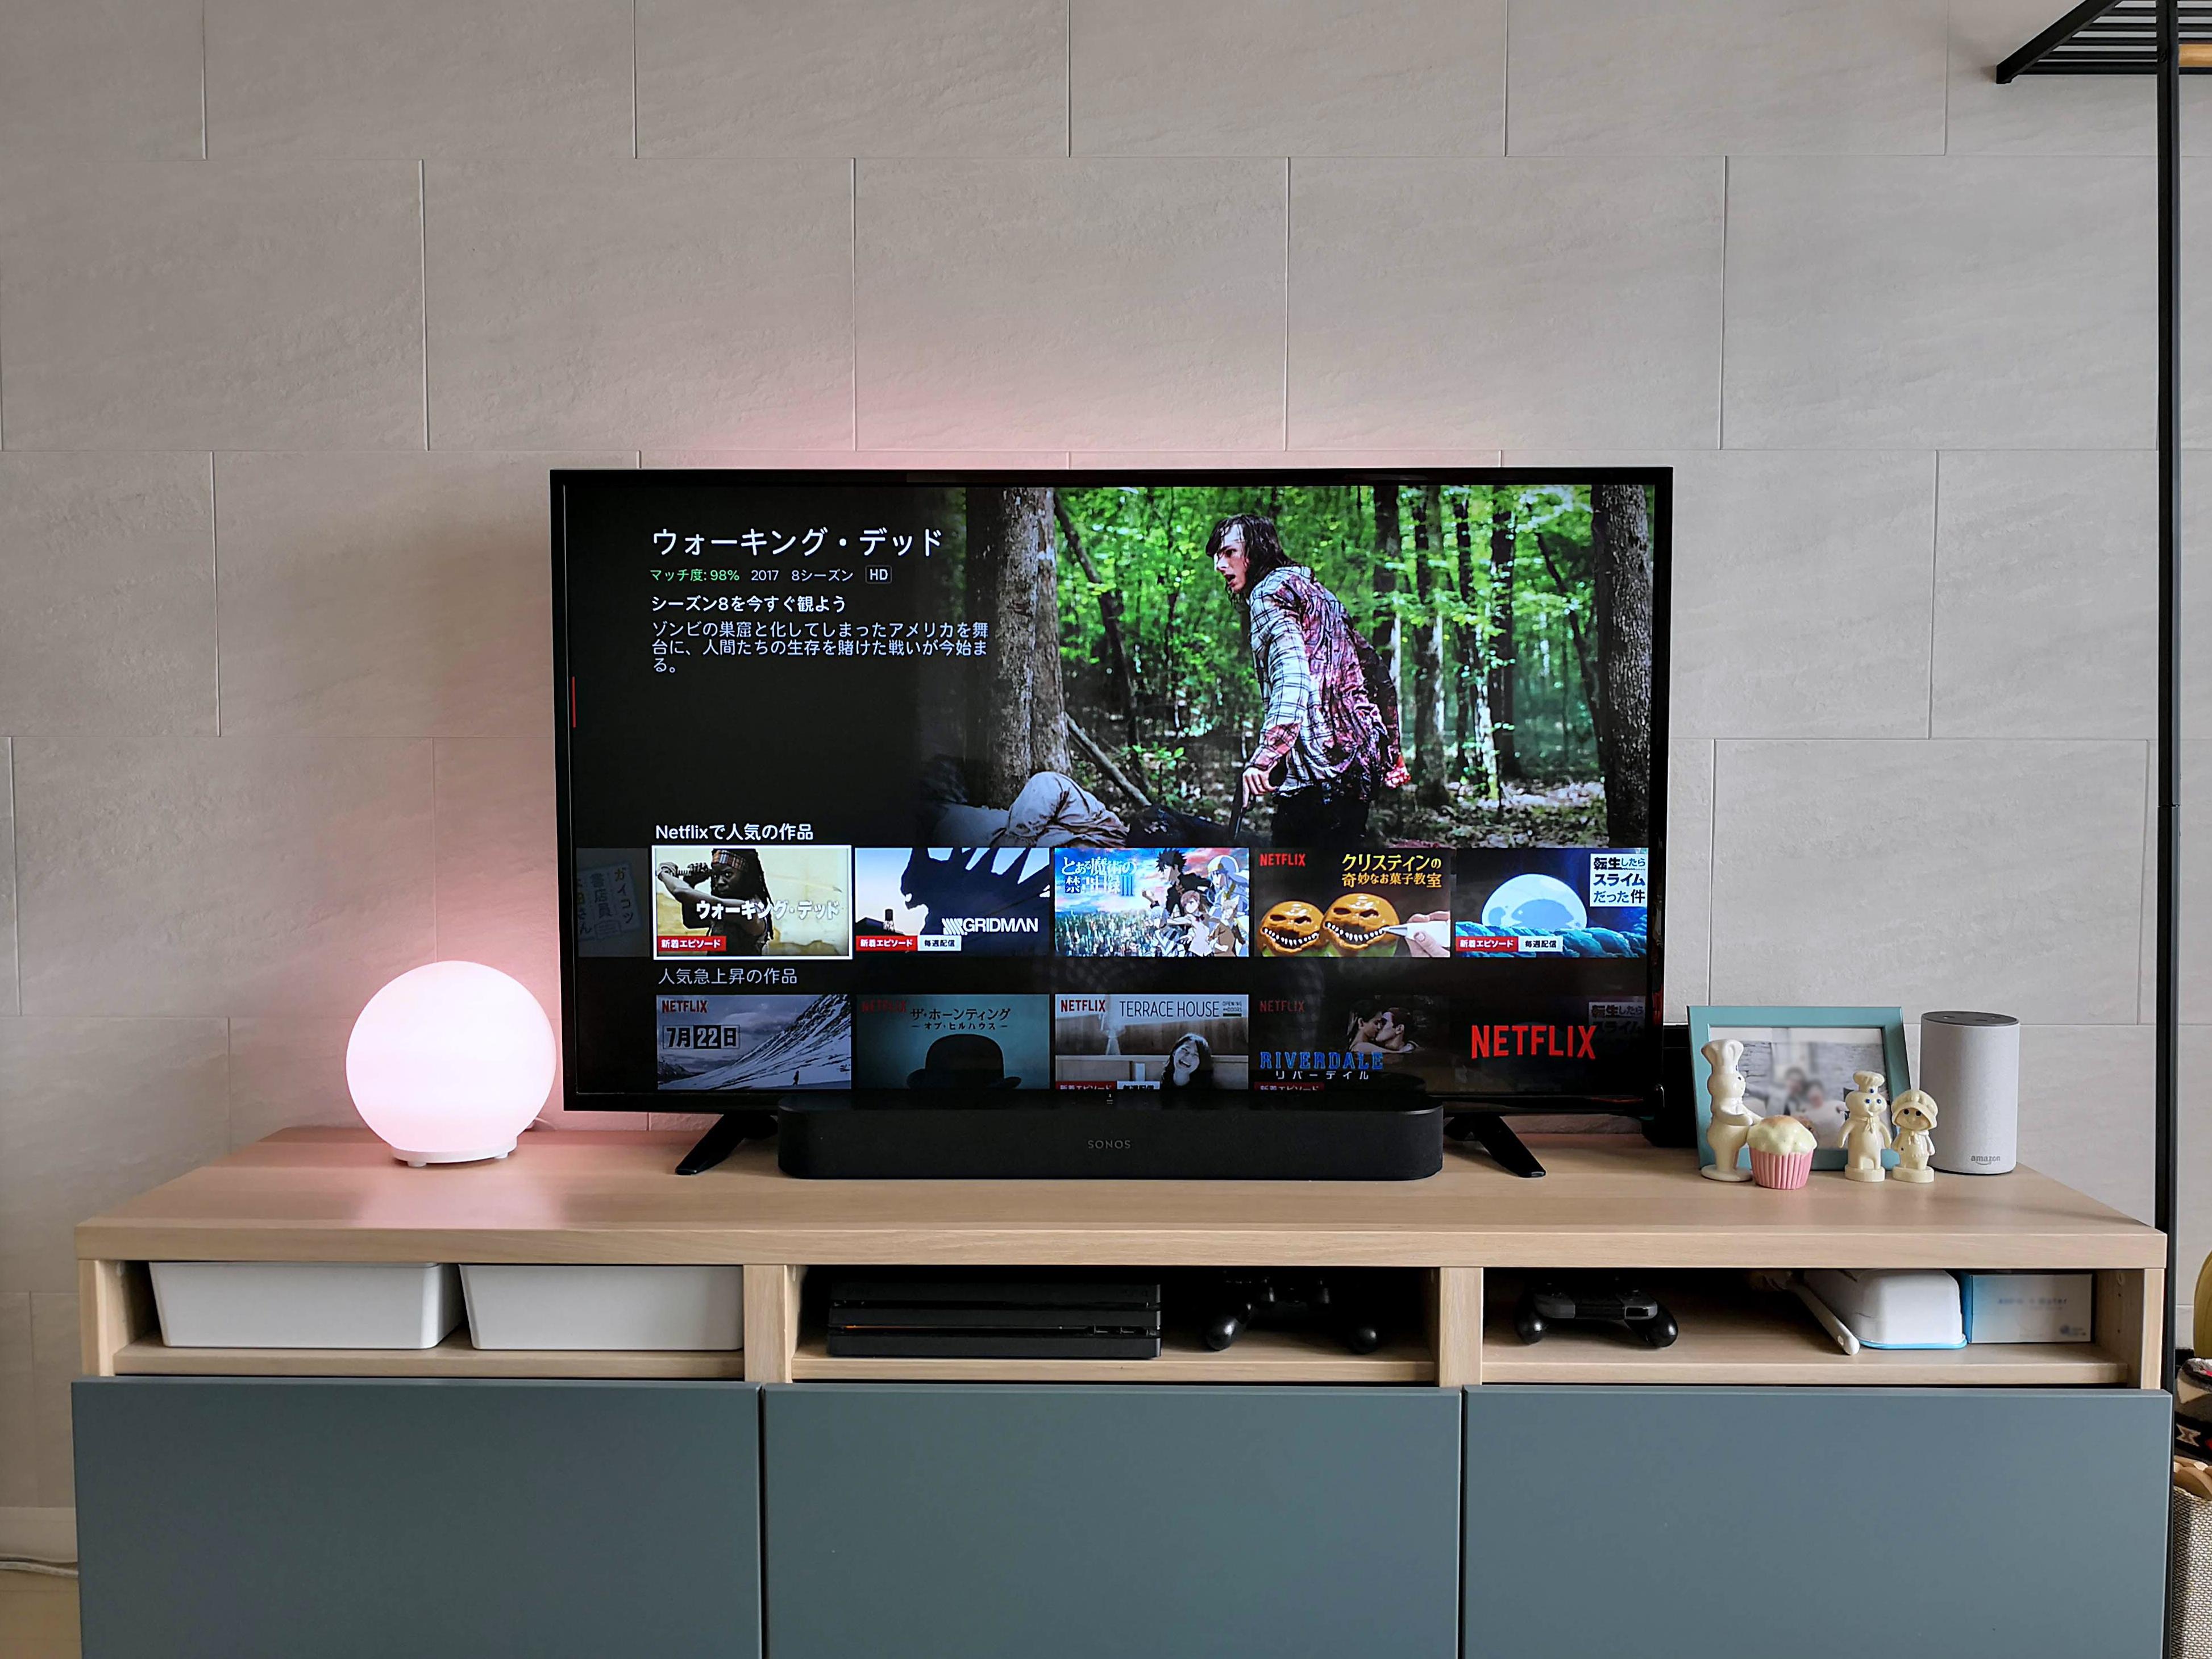 テレビ前に設置されたSONOS Beam